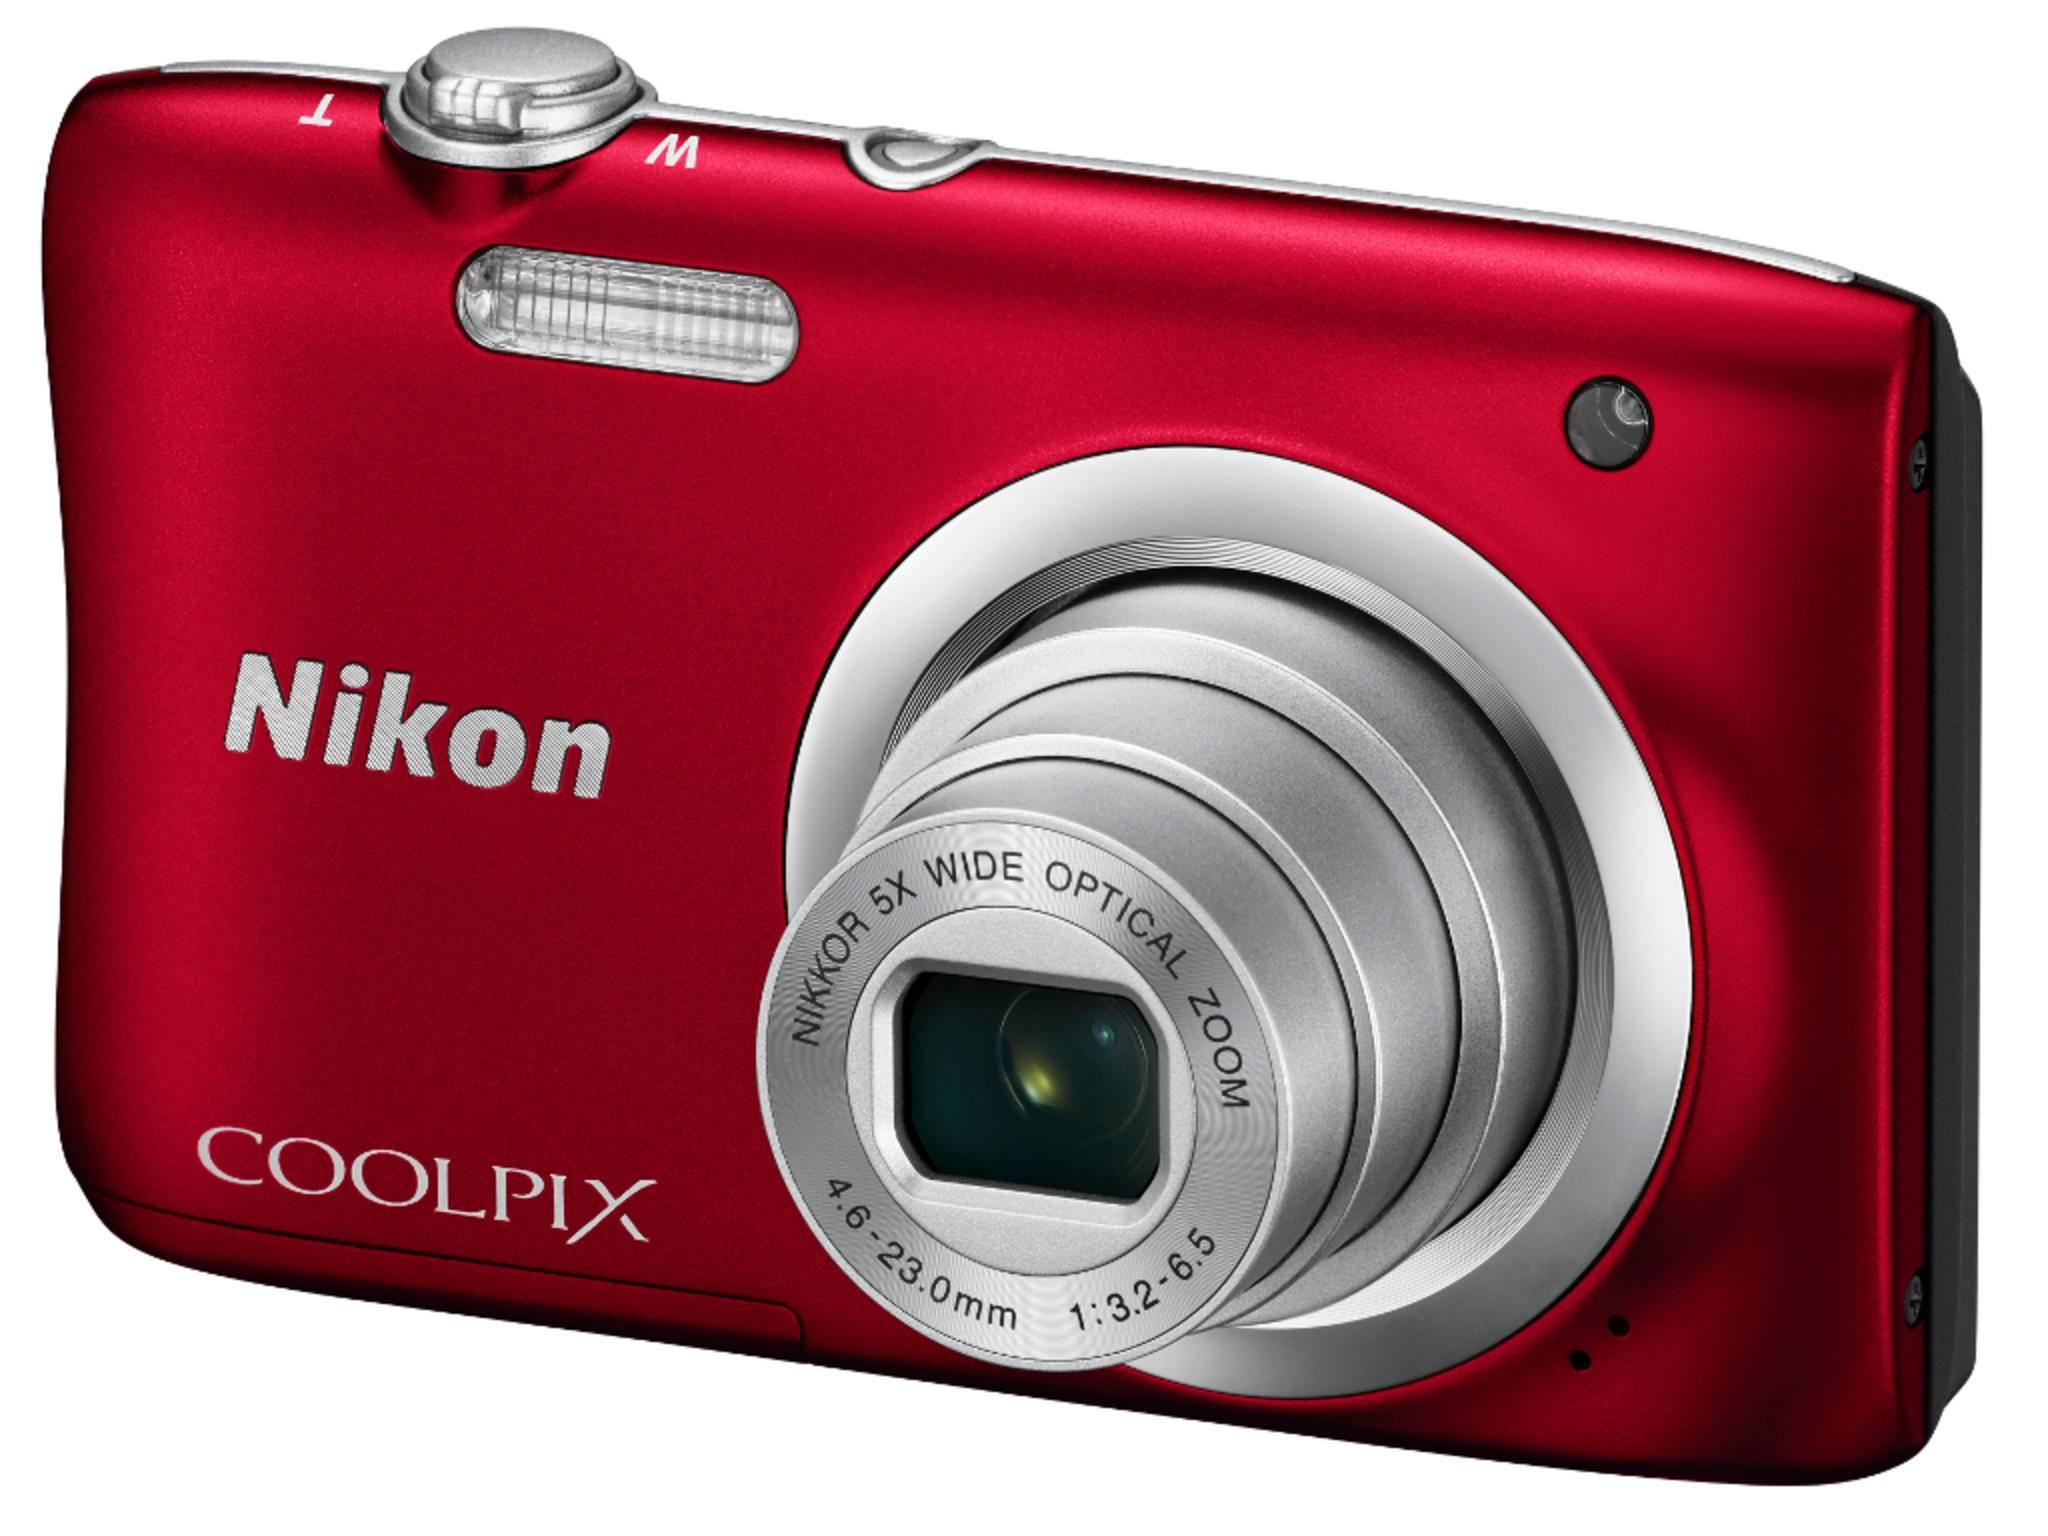 Die Coolpix A100 gehört zu den neuen Kompaktkameras von Nikon.